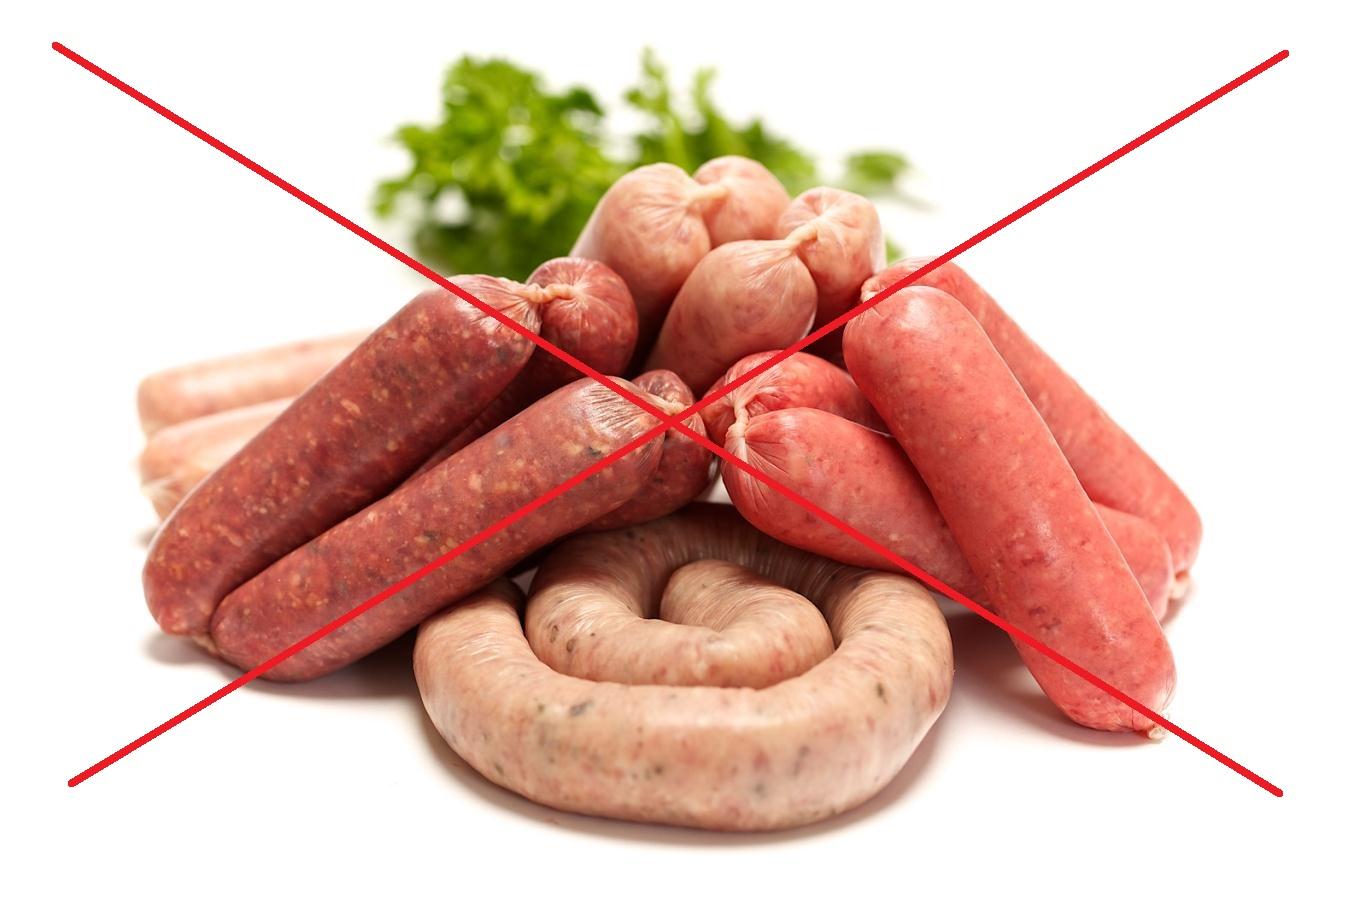 Ограничьте потребление красного мяса и полуфабрикатов